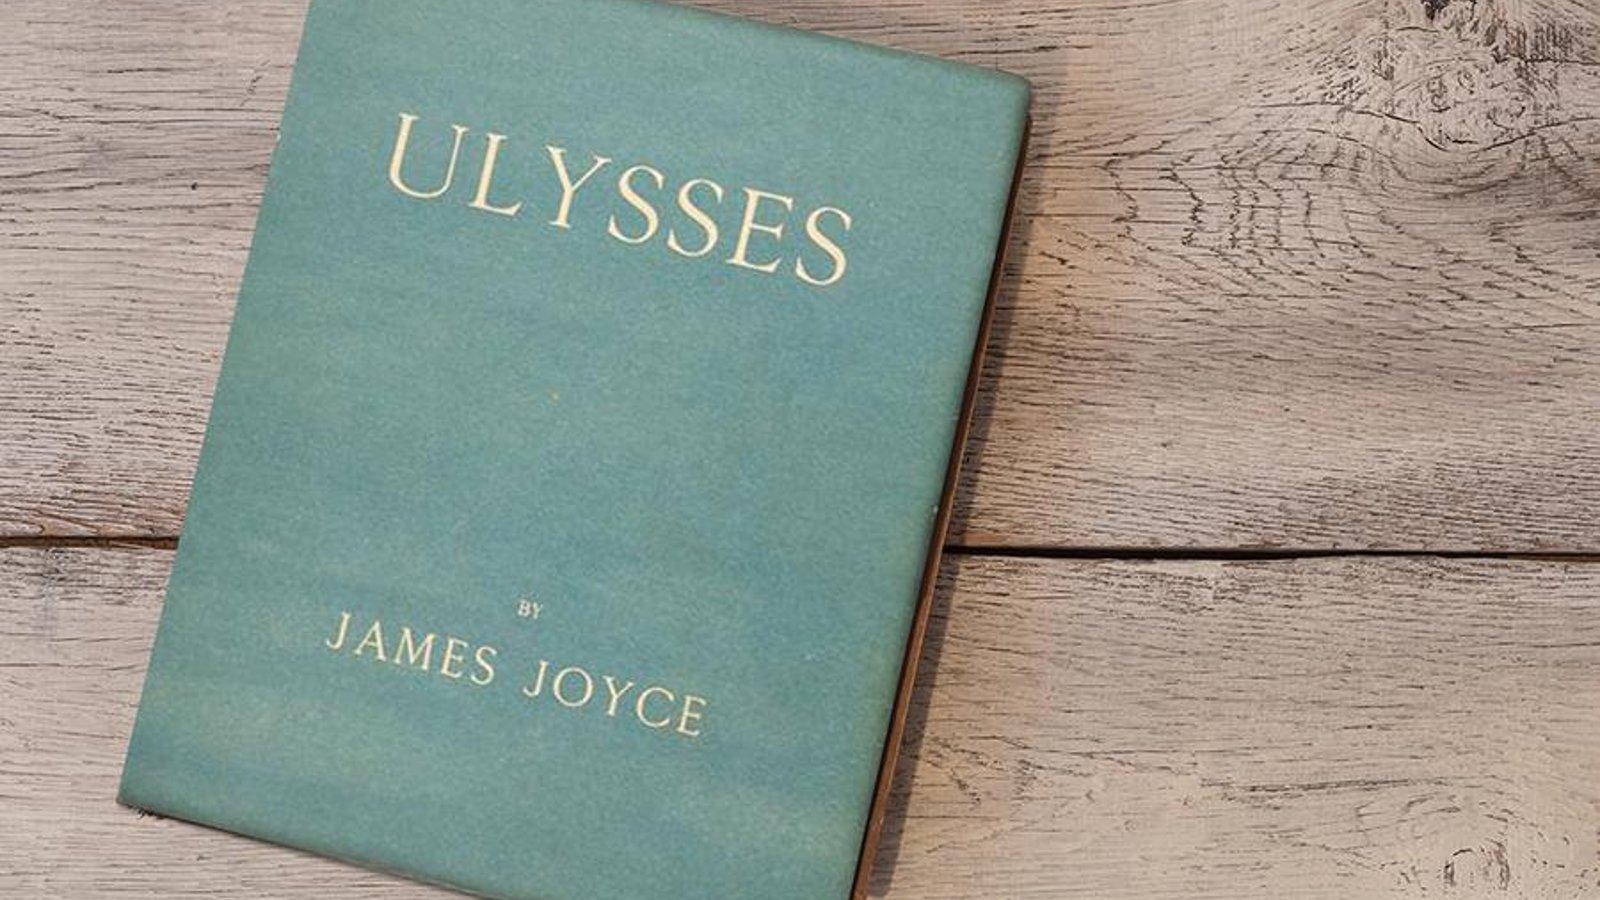 Ulysses: A Greek Epic in an Irish World